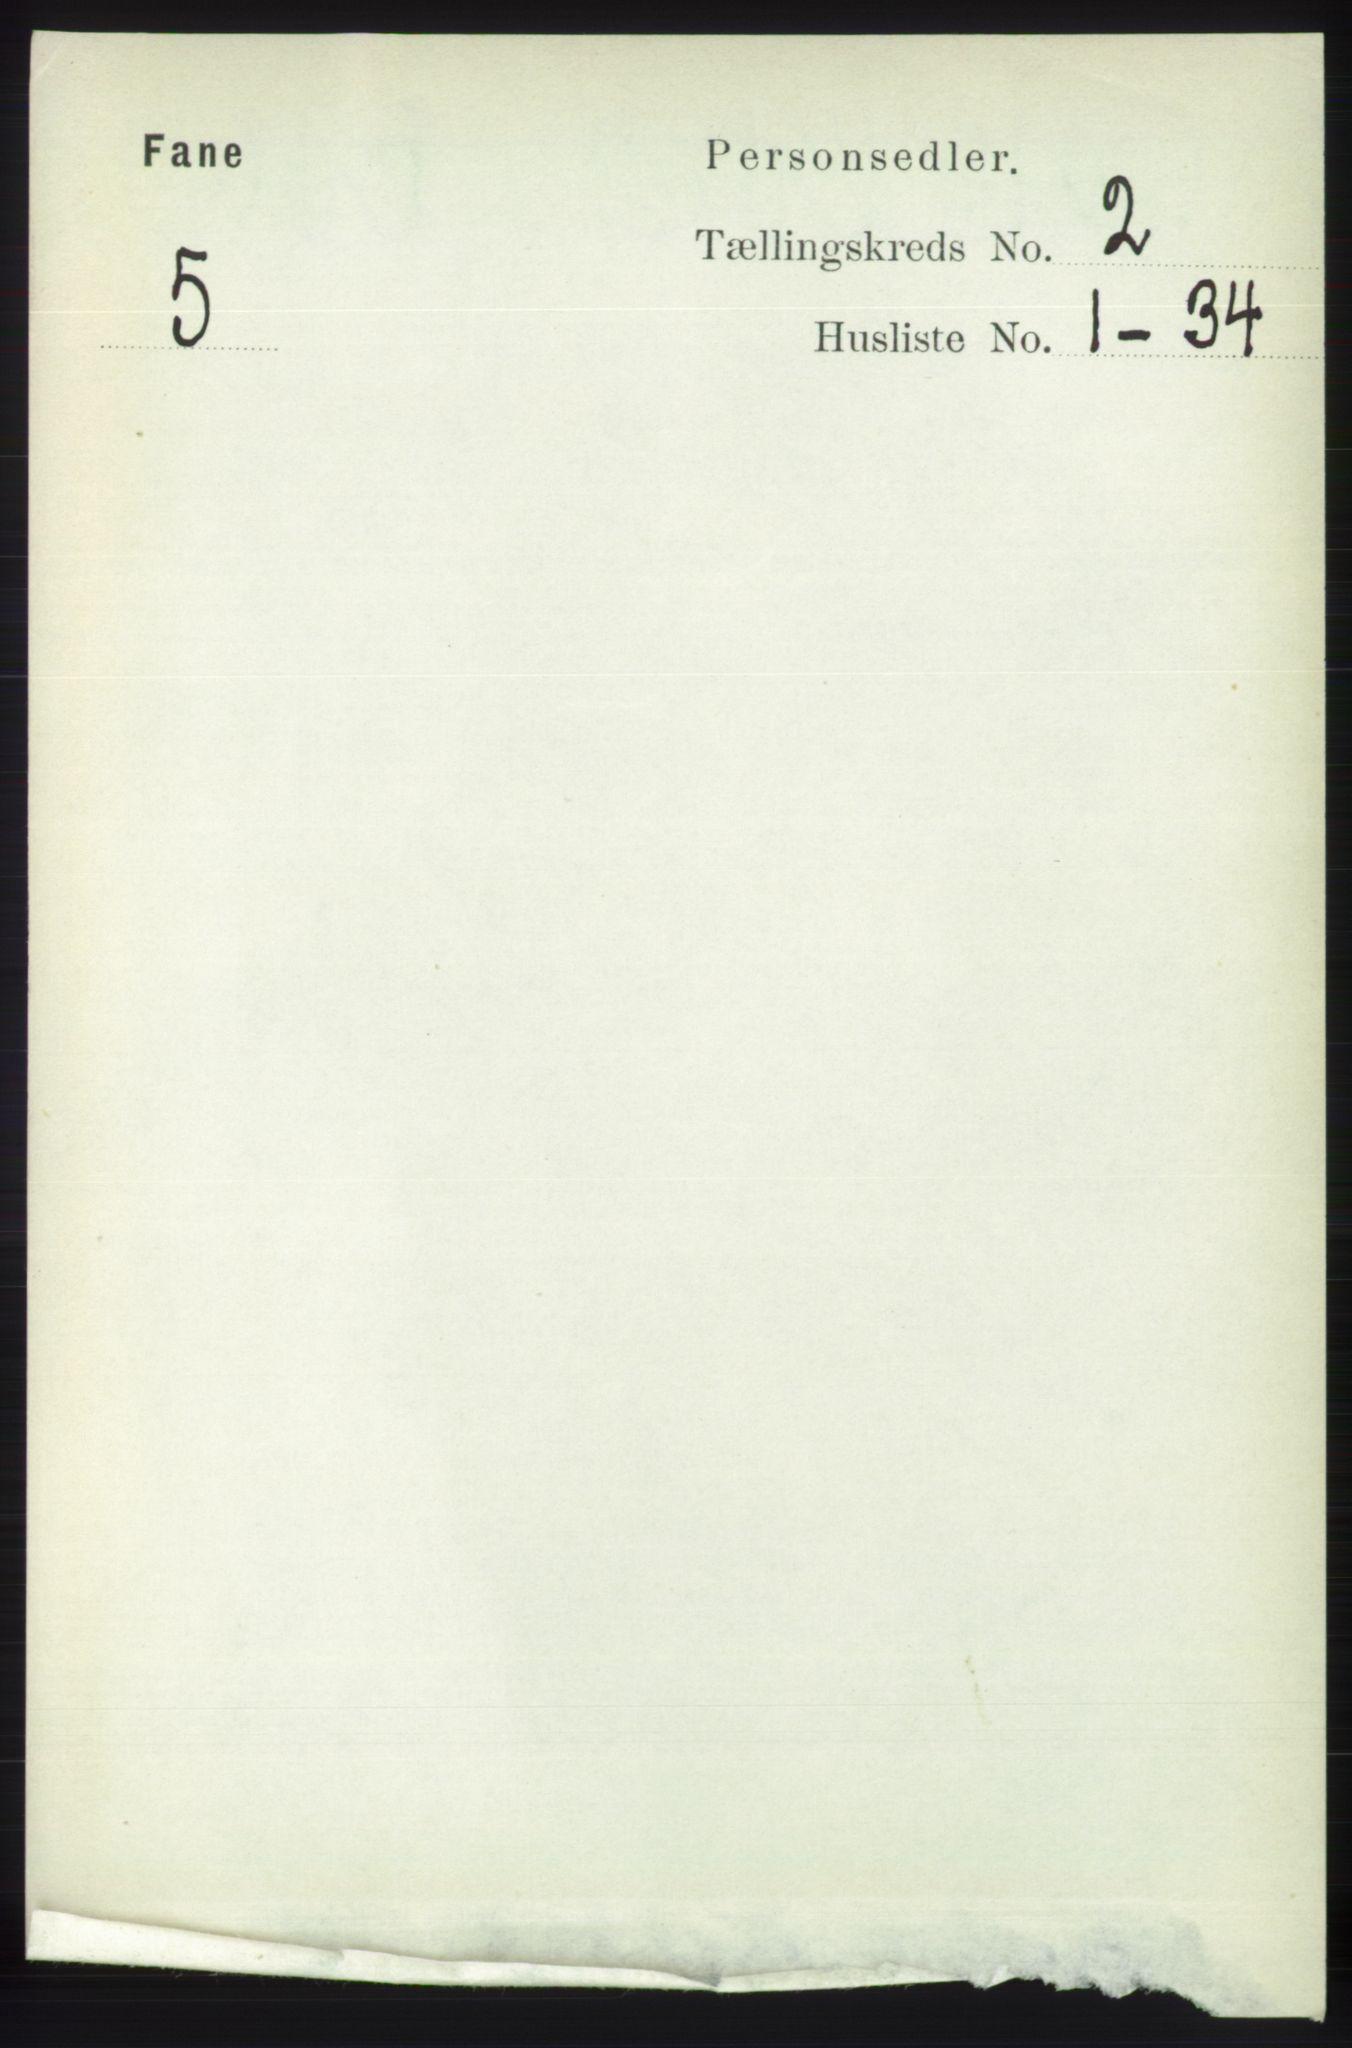 RA, Folketelling 1891 for 1249 Fana herred, 1891, s. 546